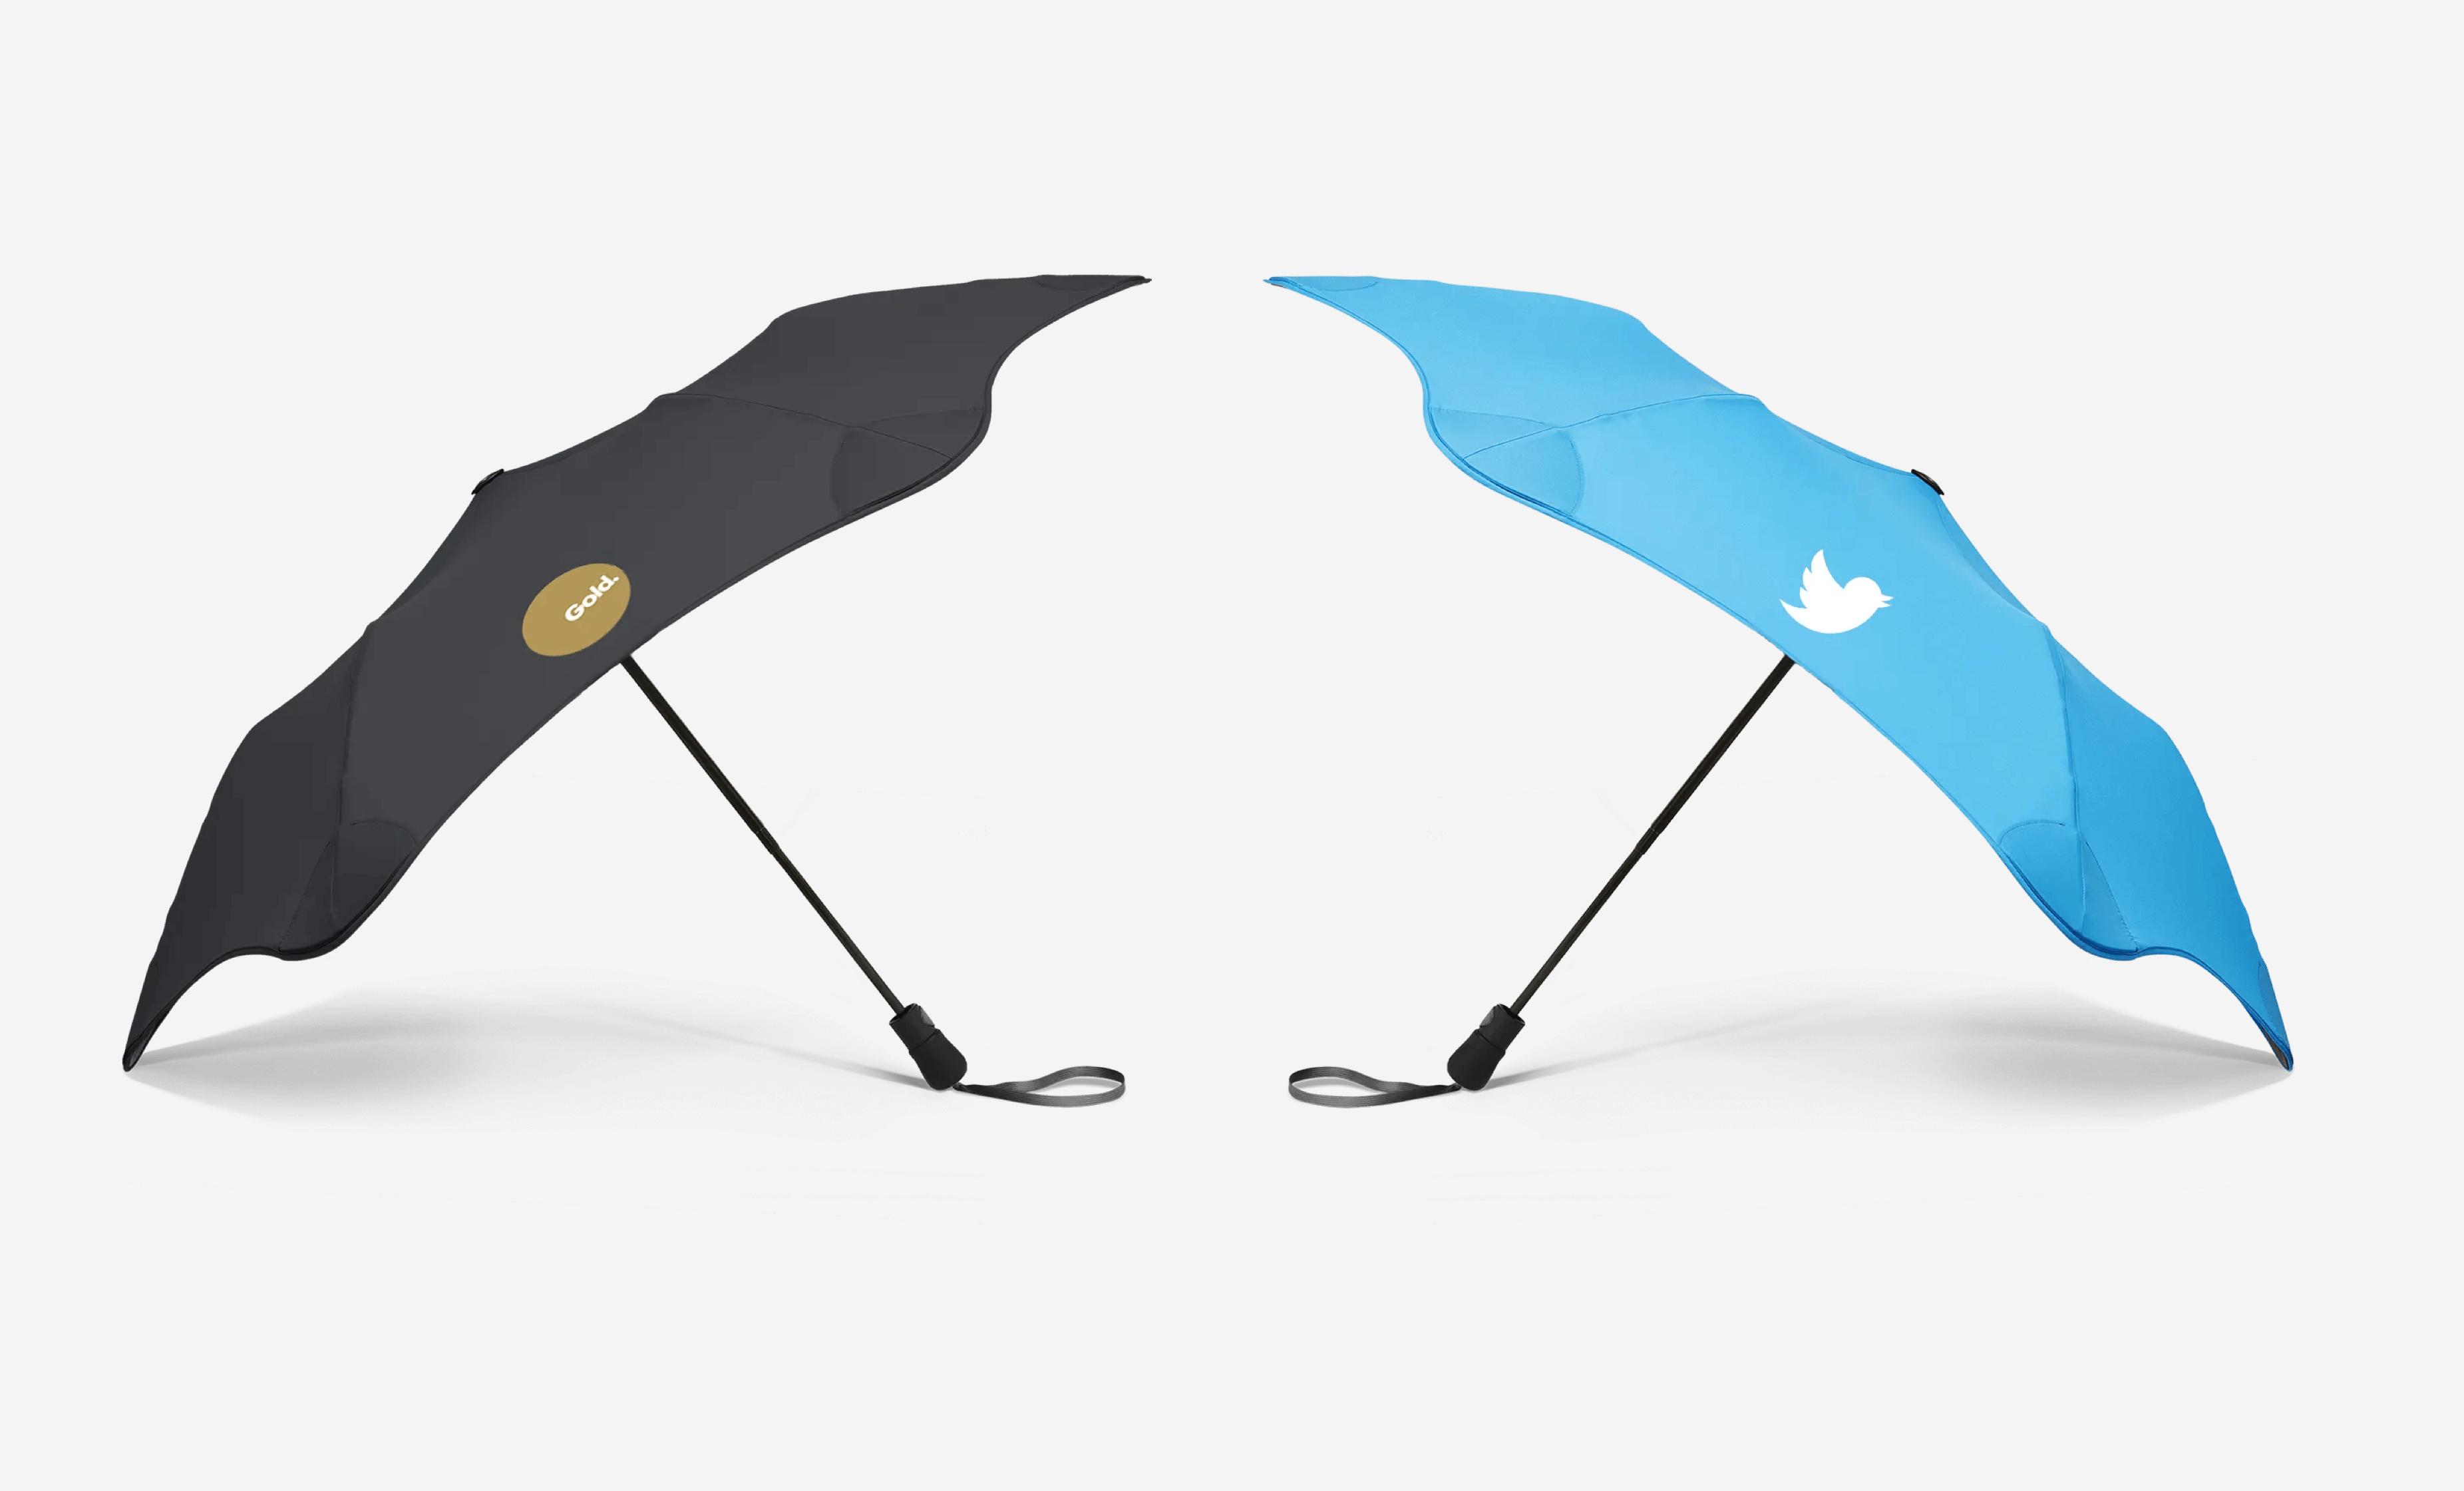 Брендирование зонтов Blunt twitter